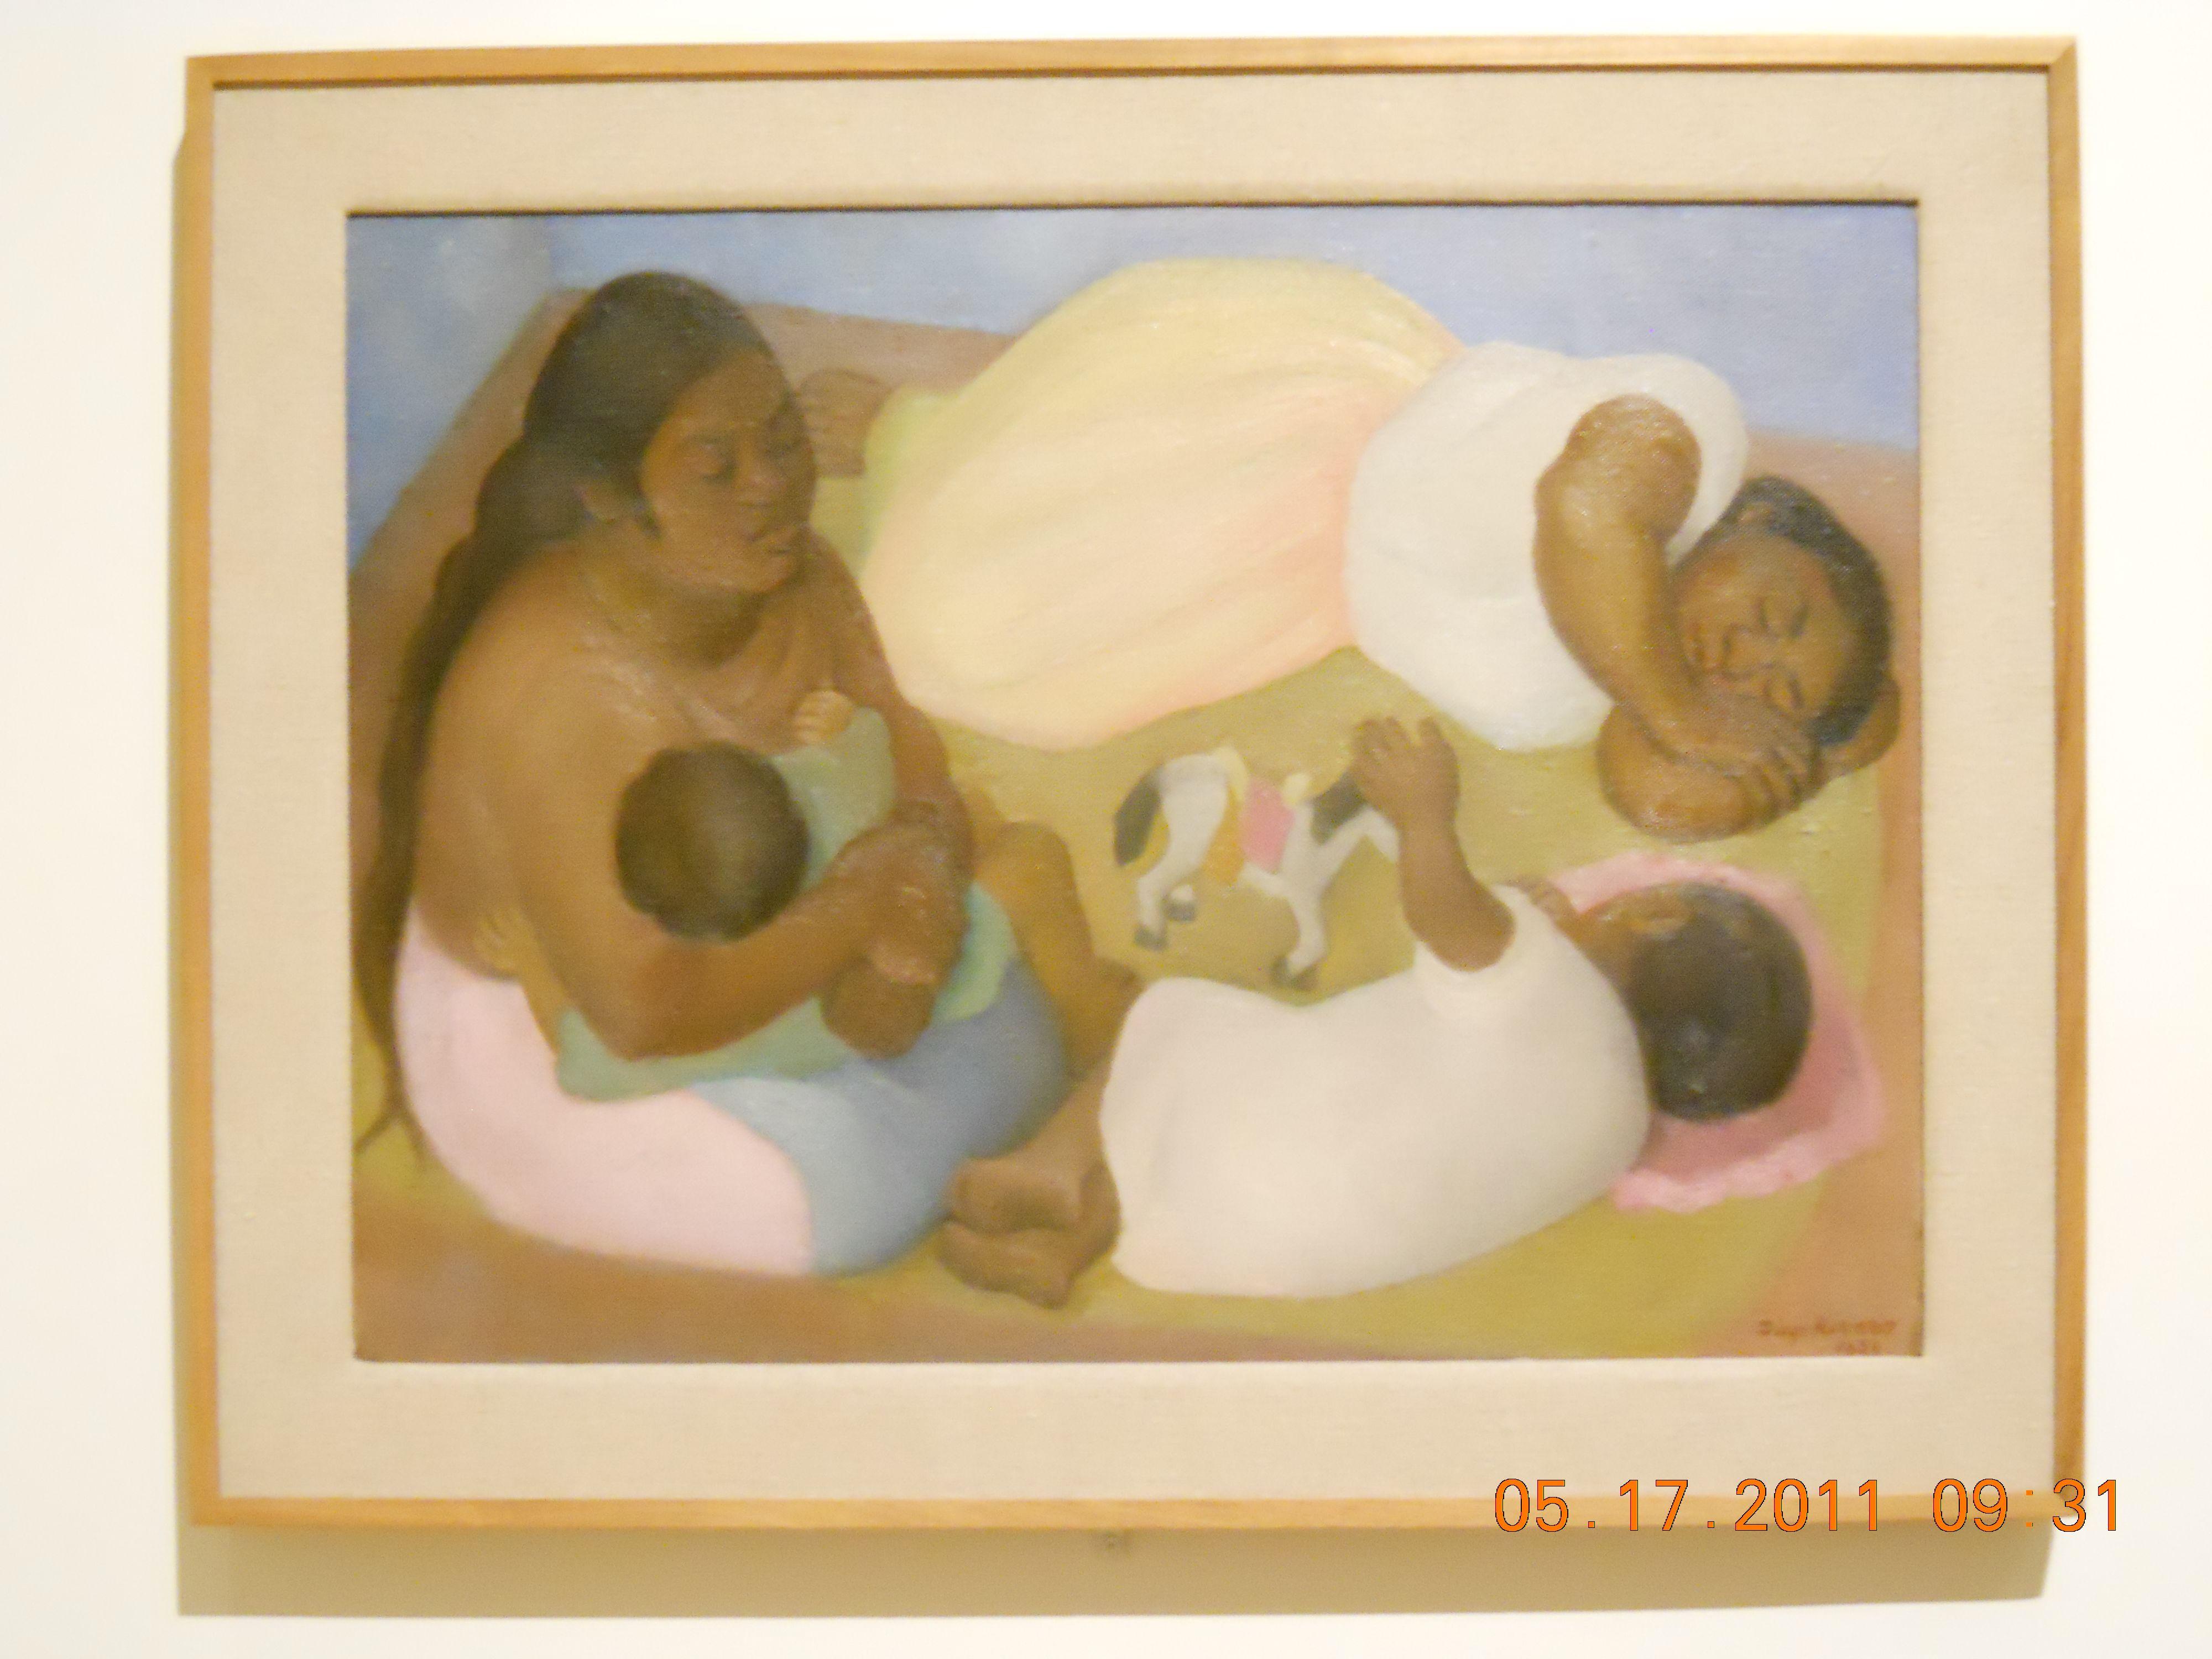 diego riveras la siesta El 24 de noviembre de 1957 murió en el distrito federal diego rivera, el gran muralista mexicano que dejó profunda huella en el arte del siglo xx.